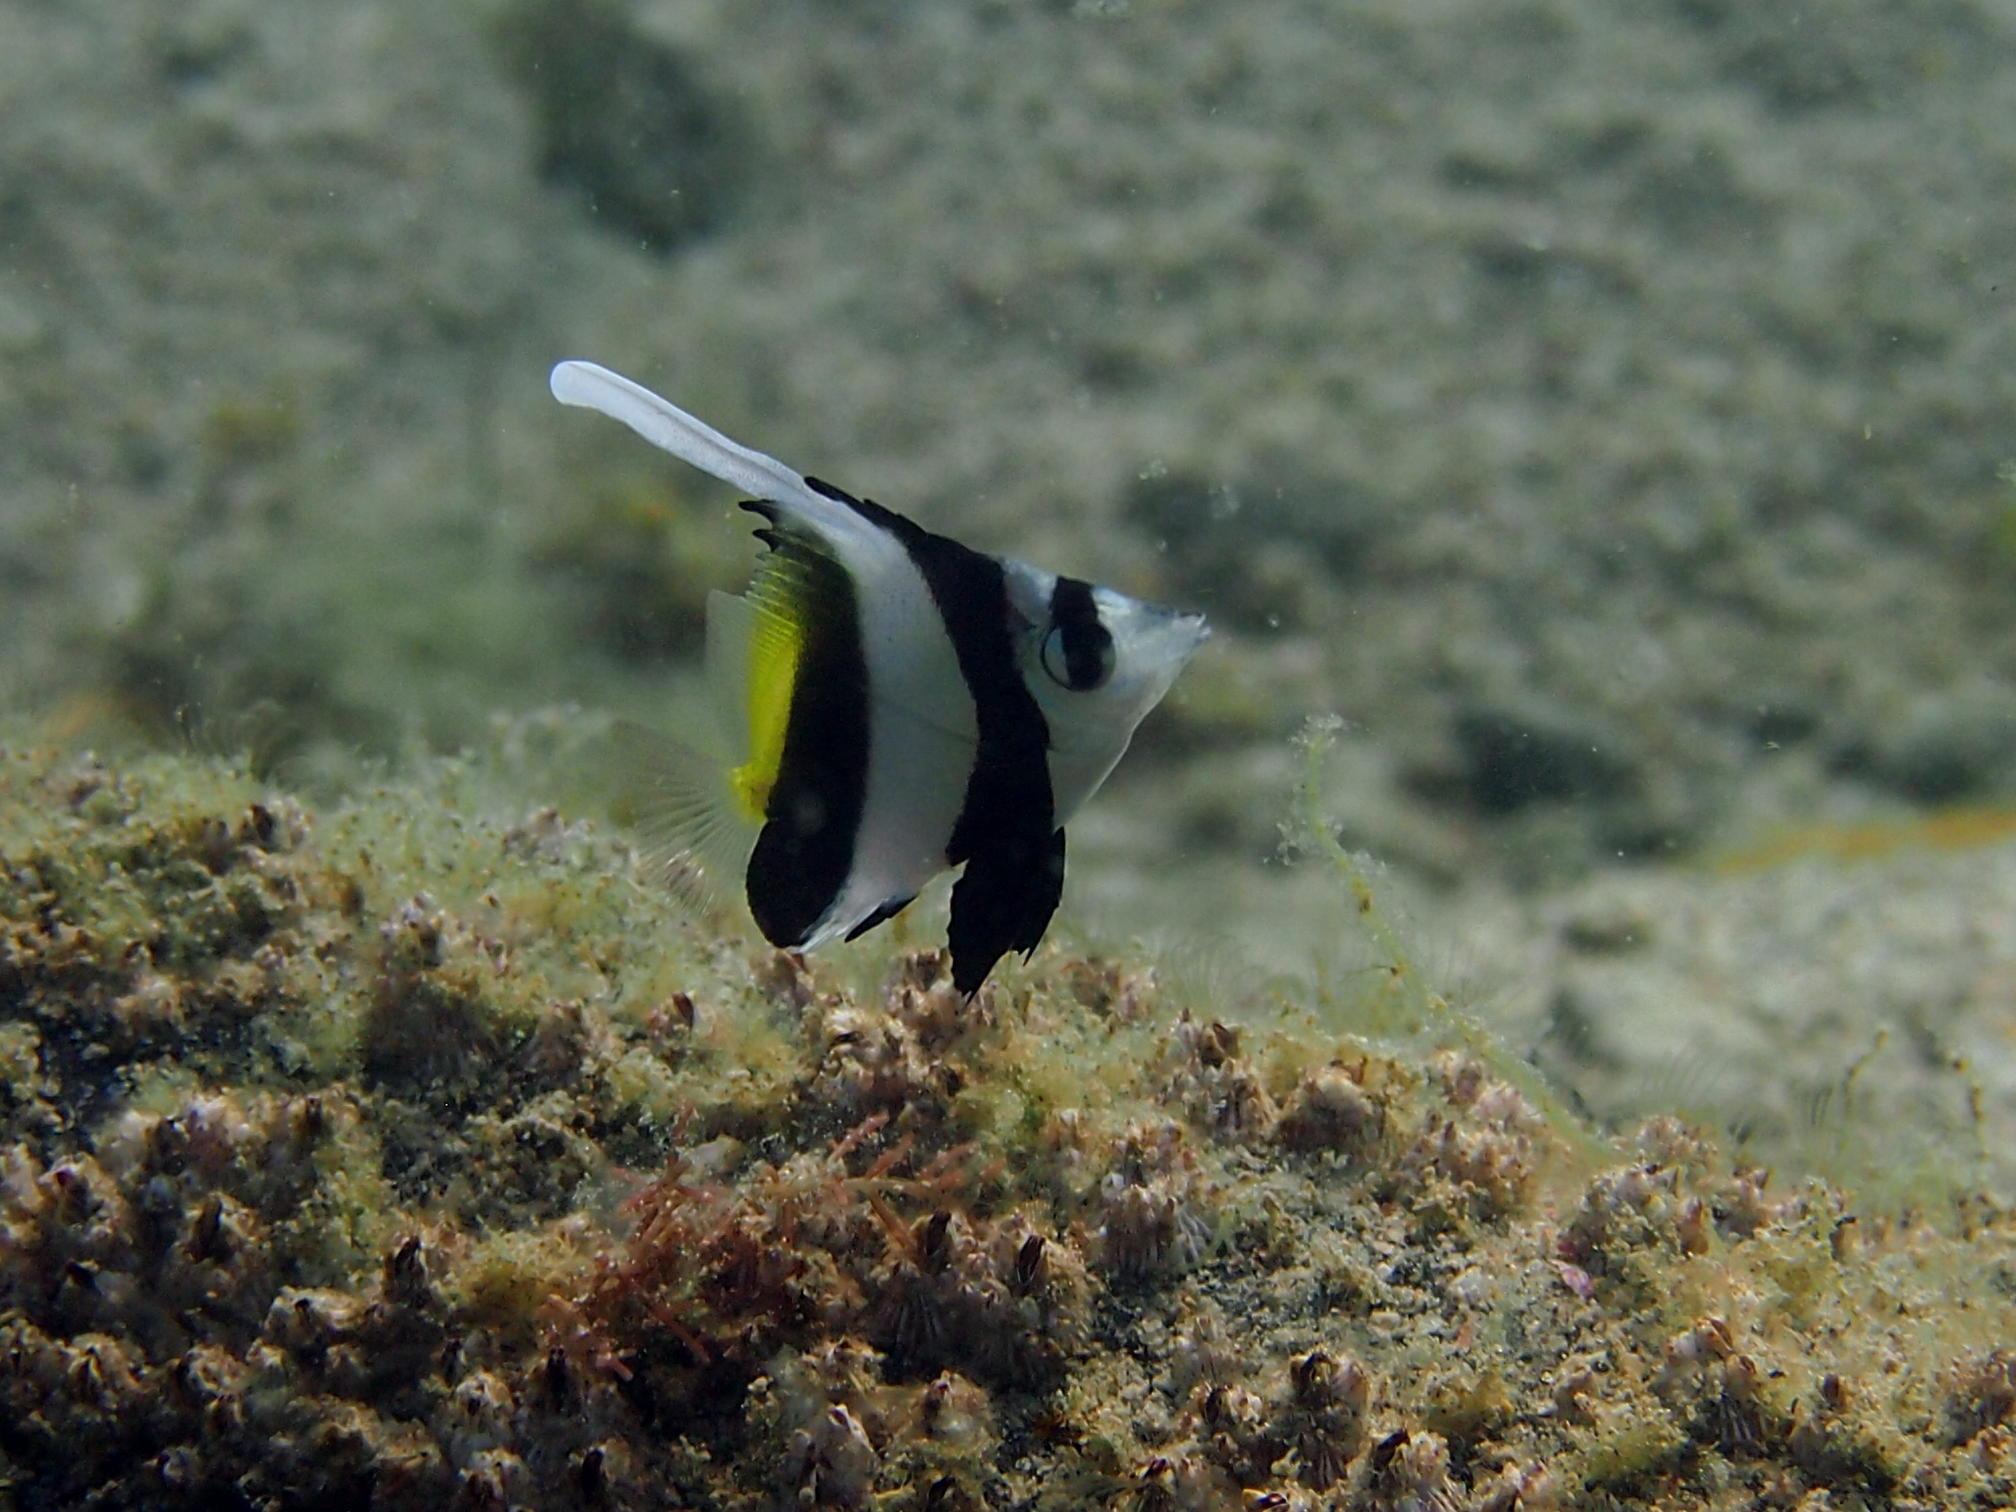 「死滅回遊魚」という言葉があります~日本海、佐津ビーチでもトロピカルなお魚が見られる?